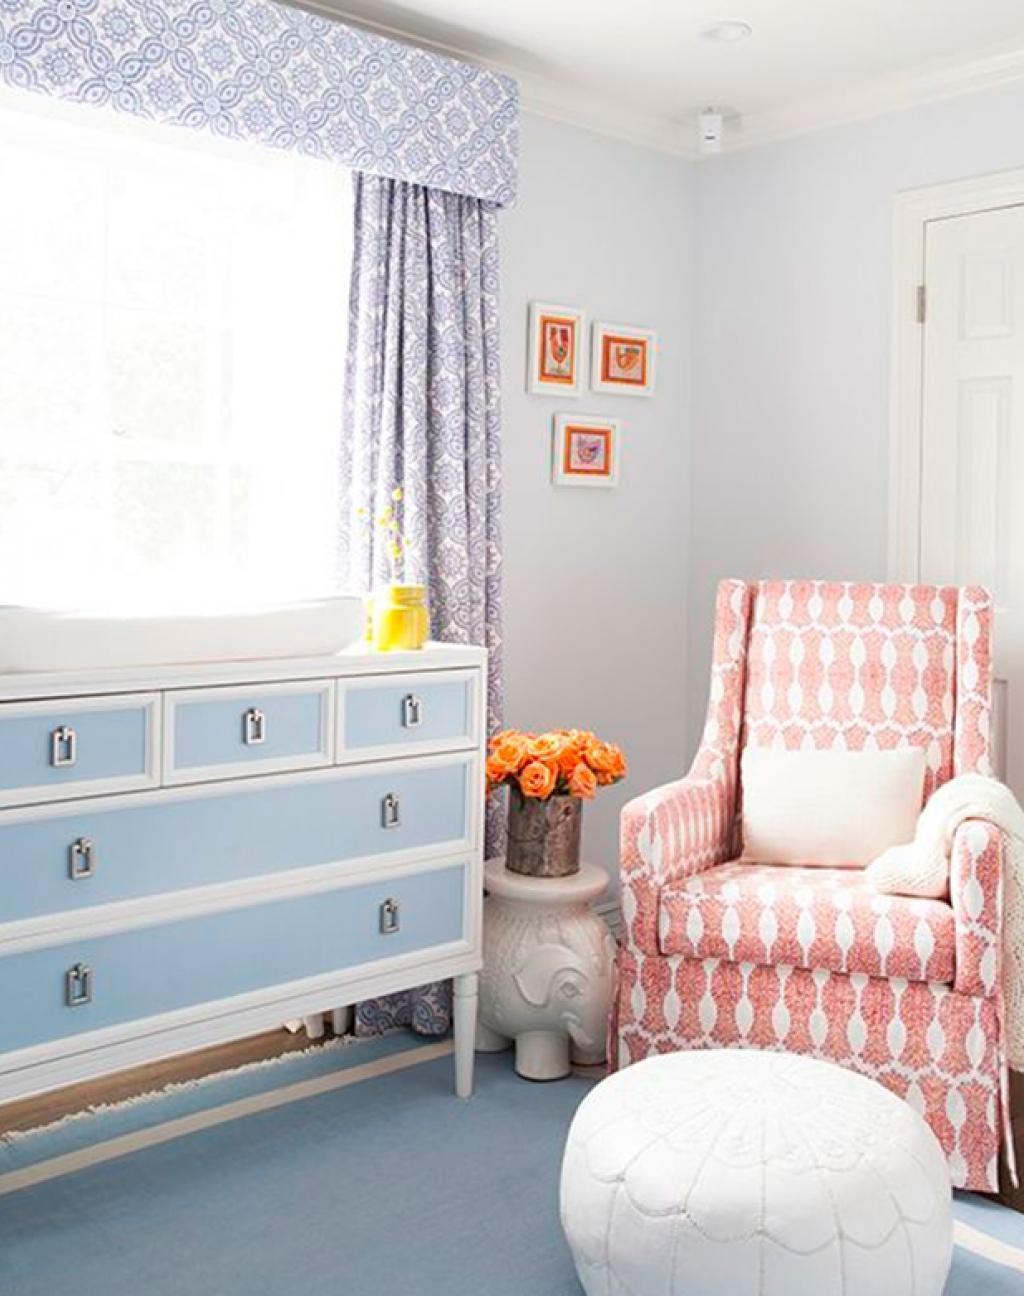 Décors unisexes pour la chambre du bébé: inspirez vous de ces ...